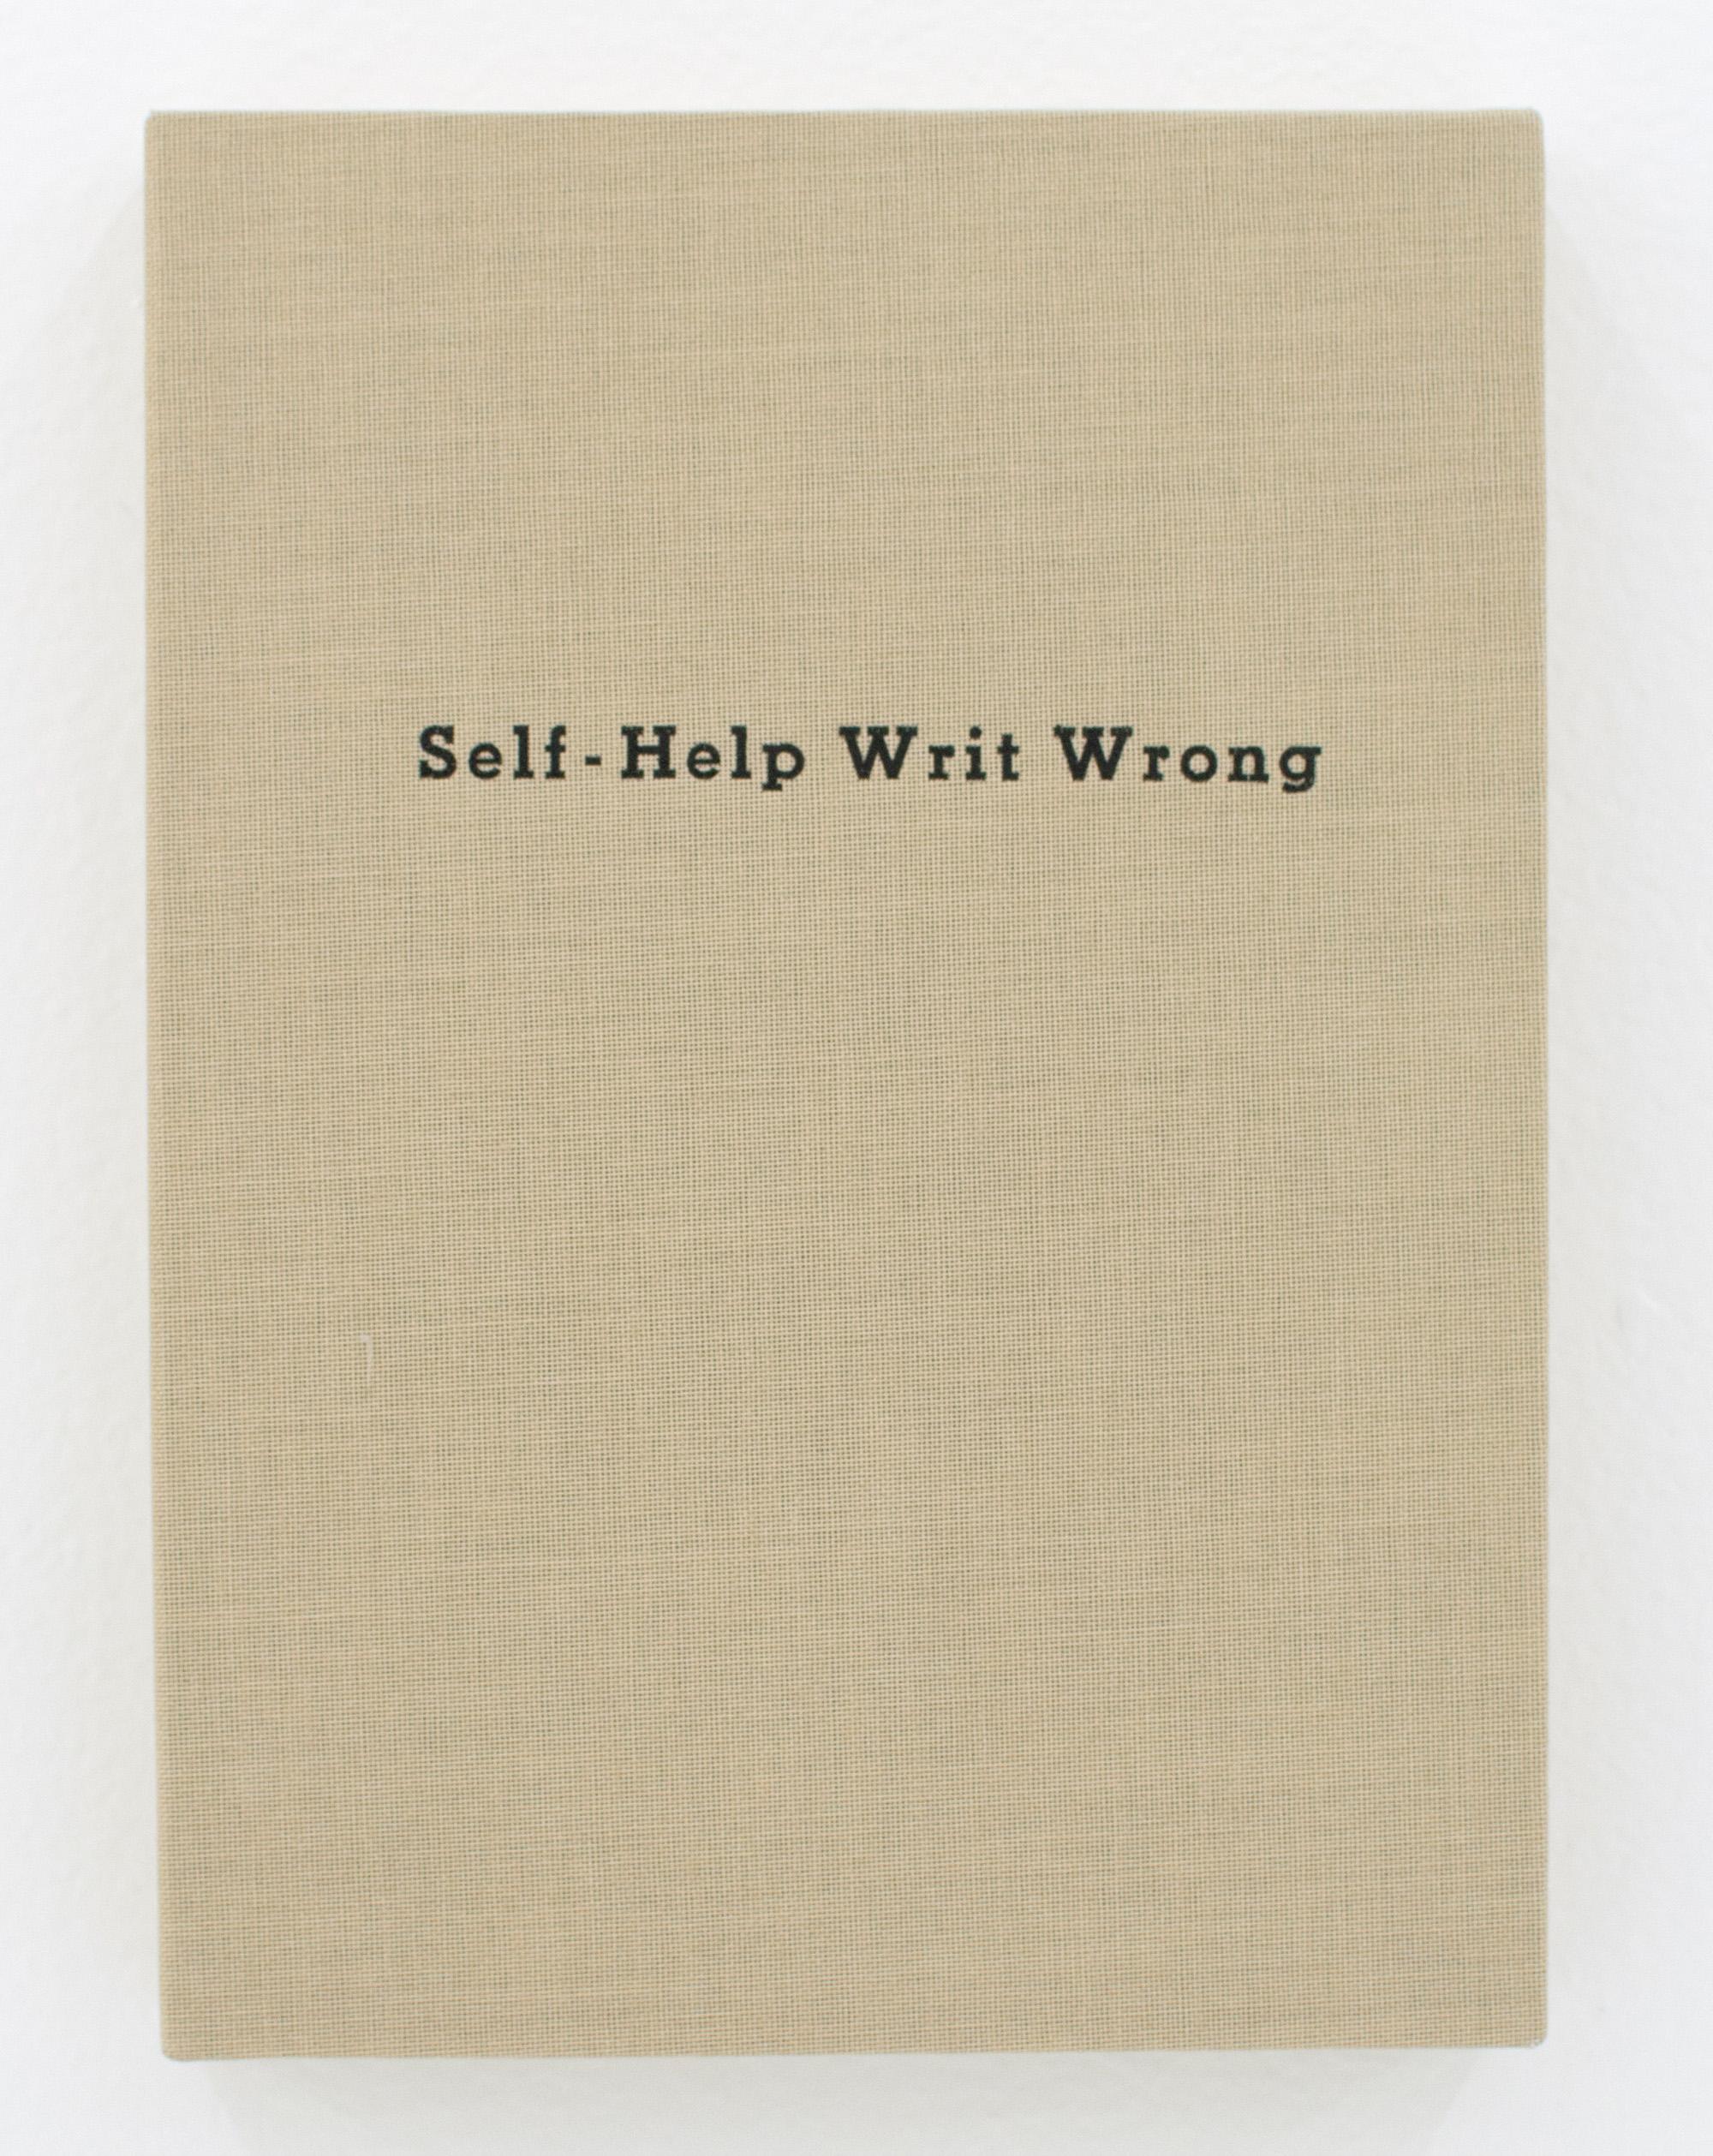 KEITH J. VARADI   Self-Help Writ Wrong,  2015, Ink on cover on panel